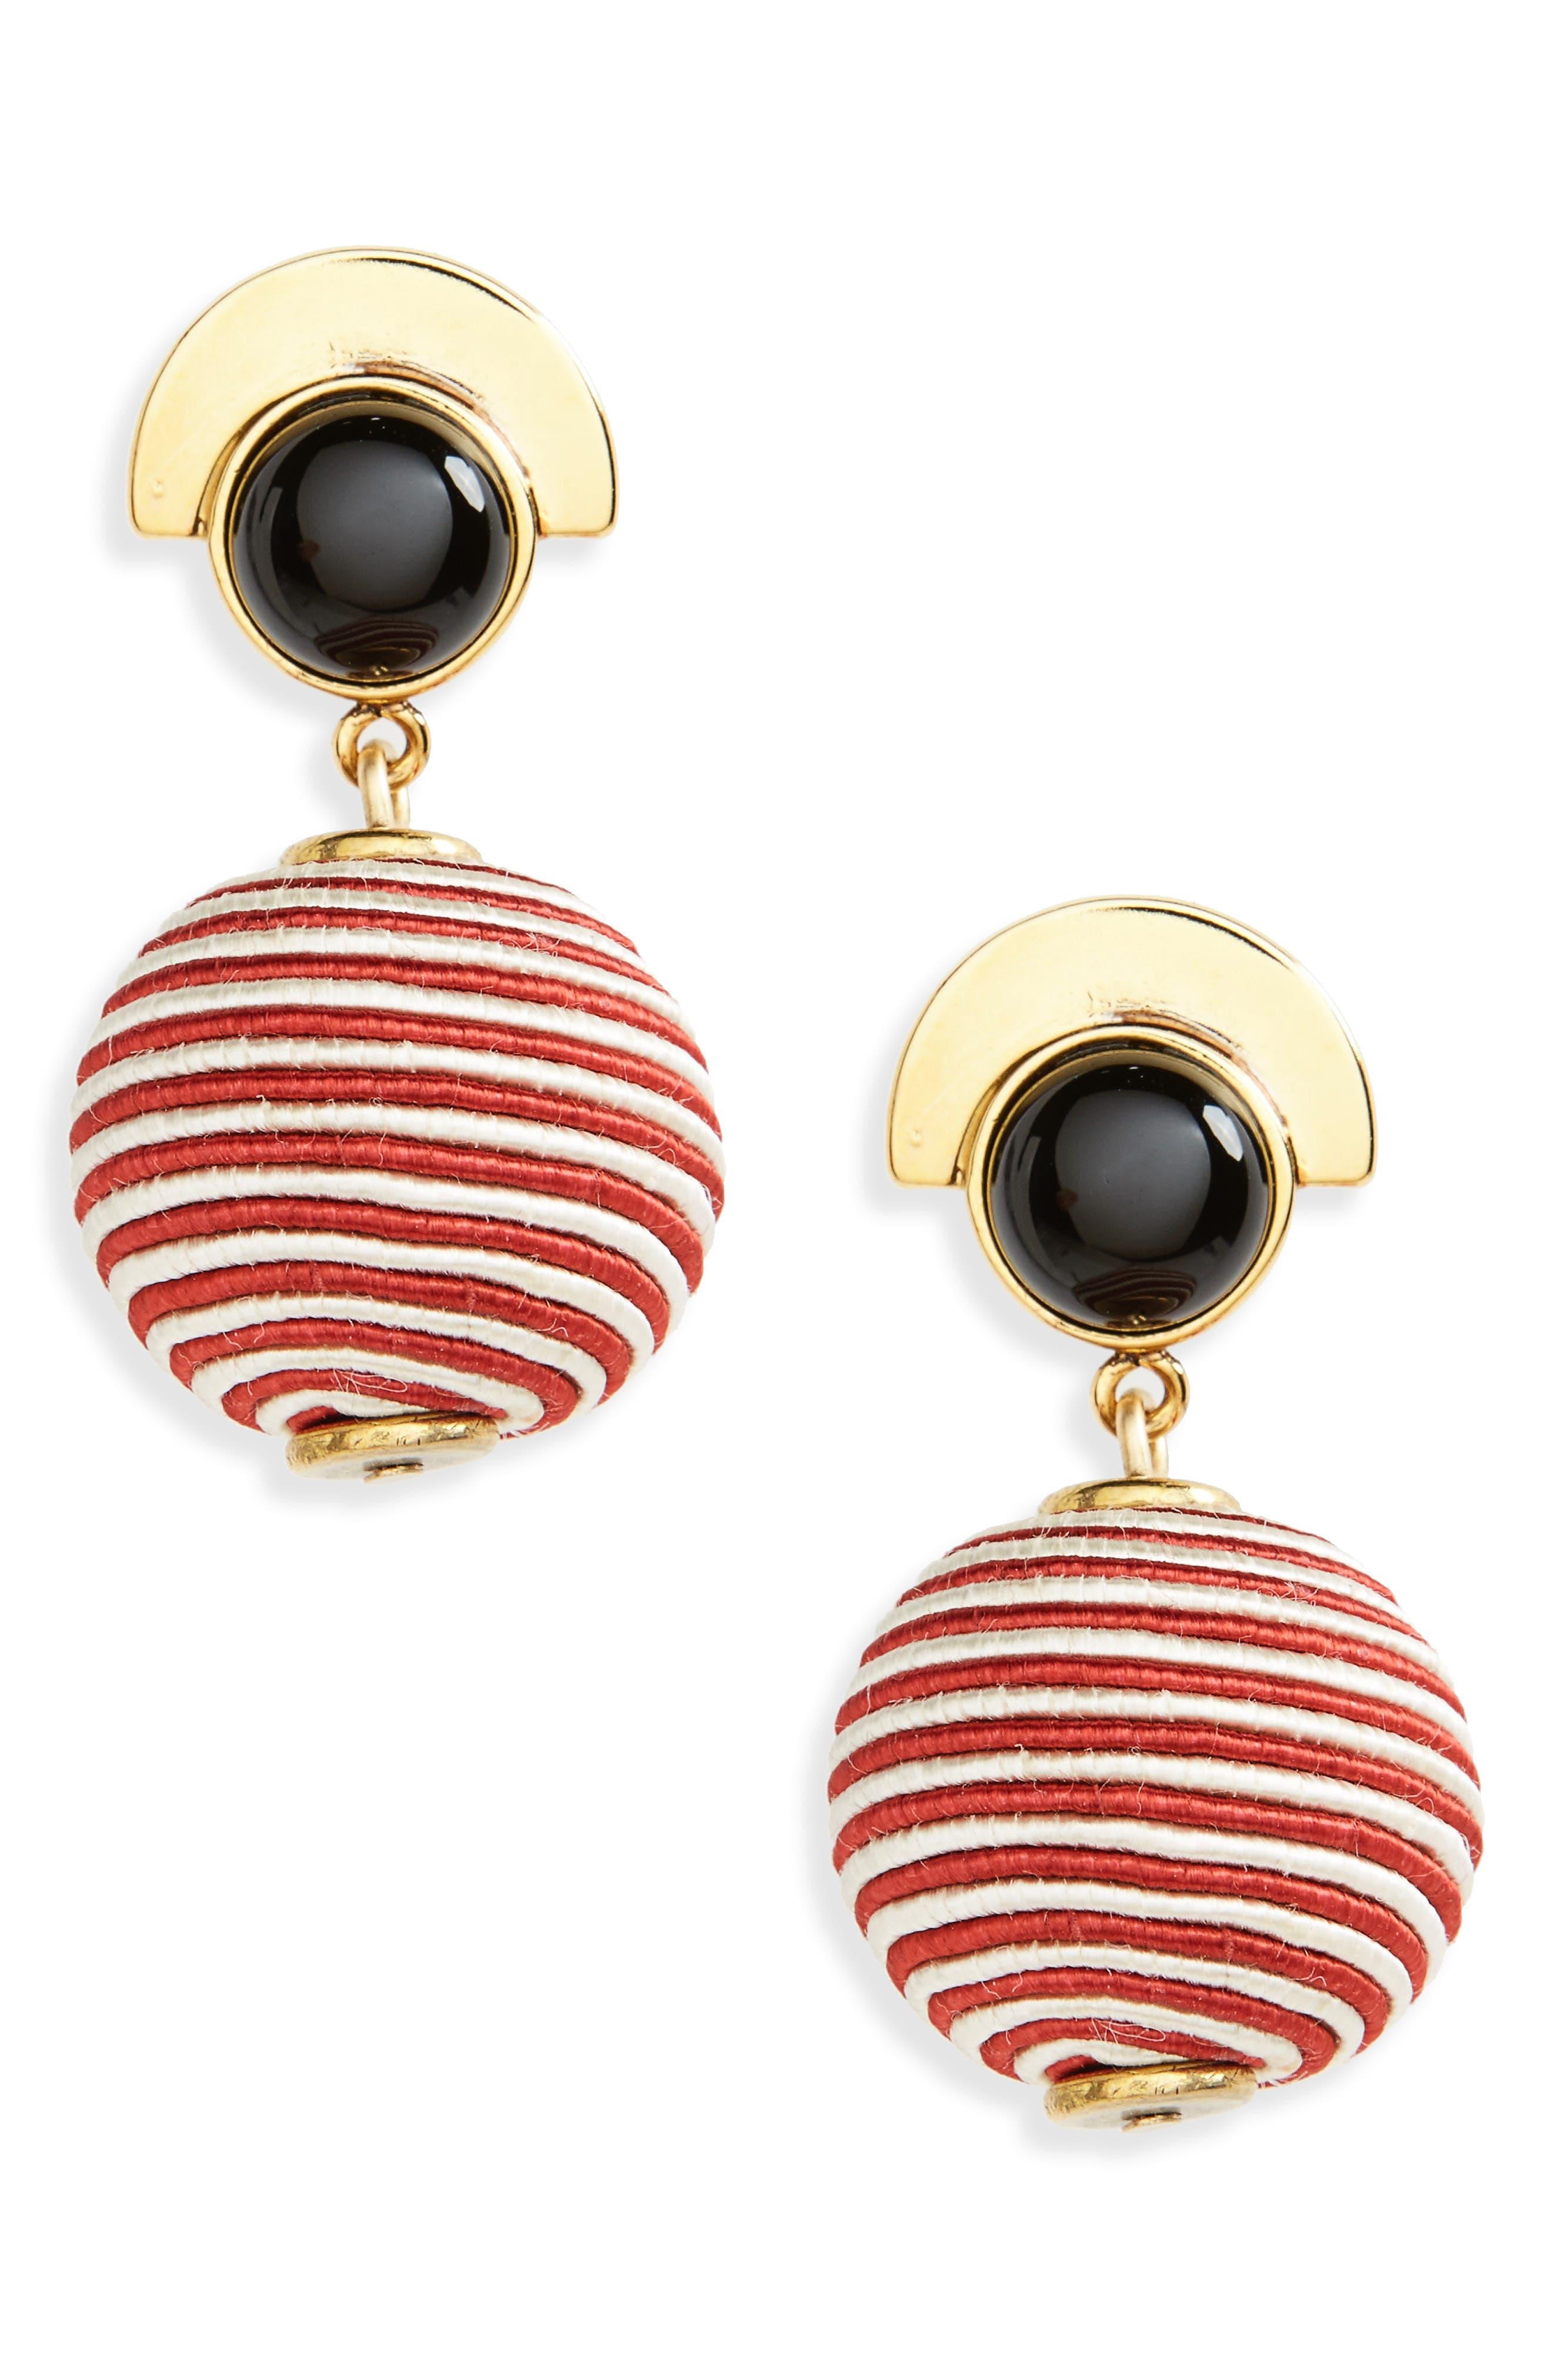 Mara Drop Earrings,                             Main thumbnail 1, color,                             710